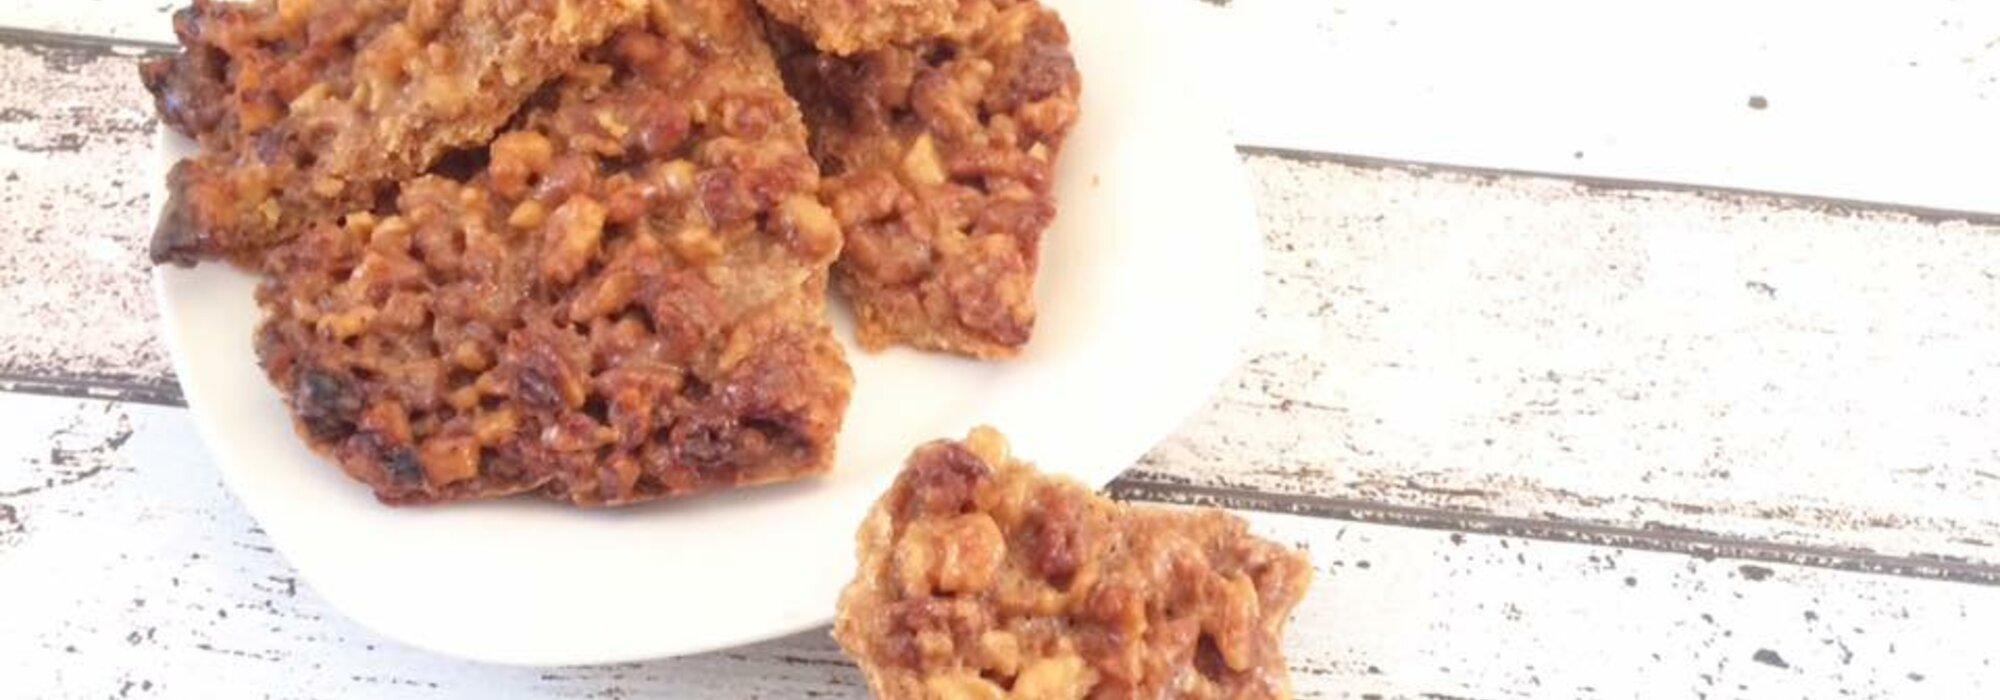 Koolhydraatarme en suikervrije caramel honing koeken